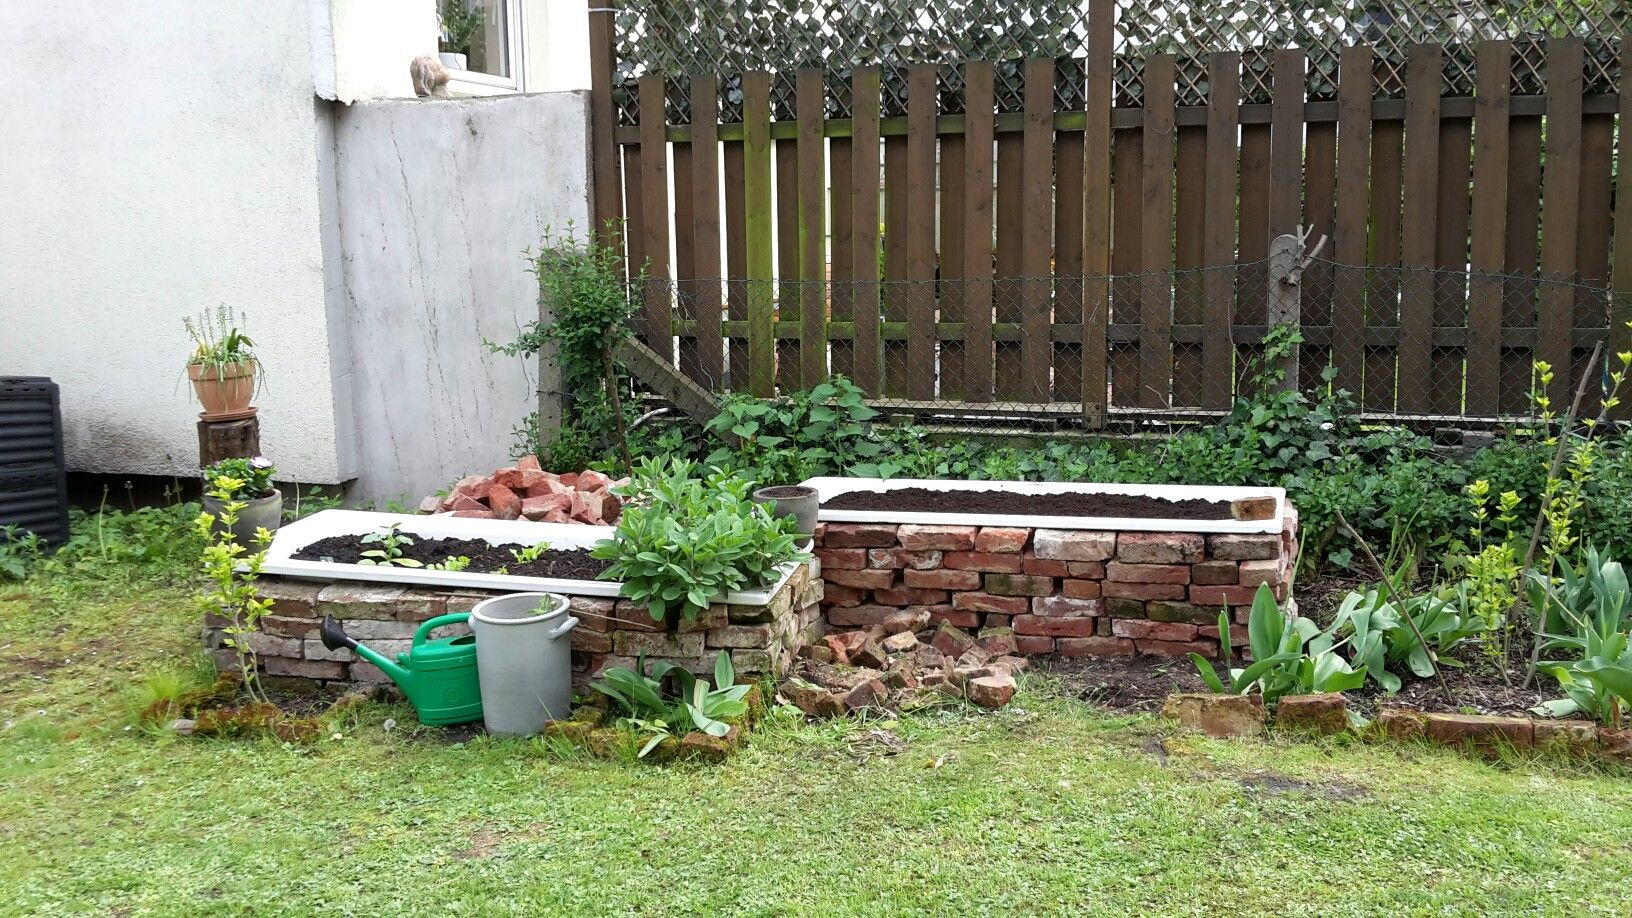 Badewanne Als Hochbeet Badewanne Garten Garten Hochbeet